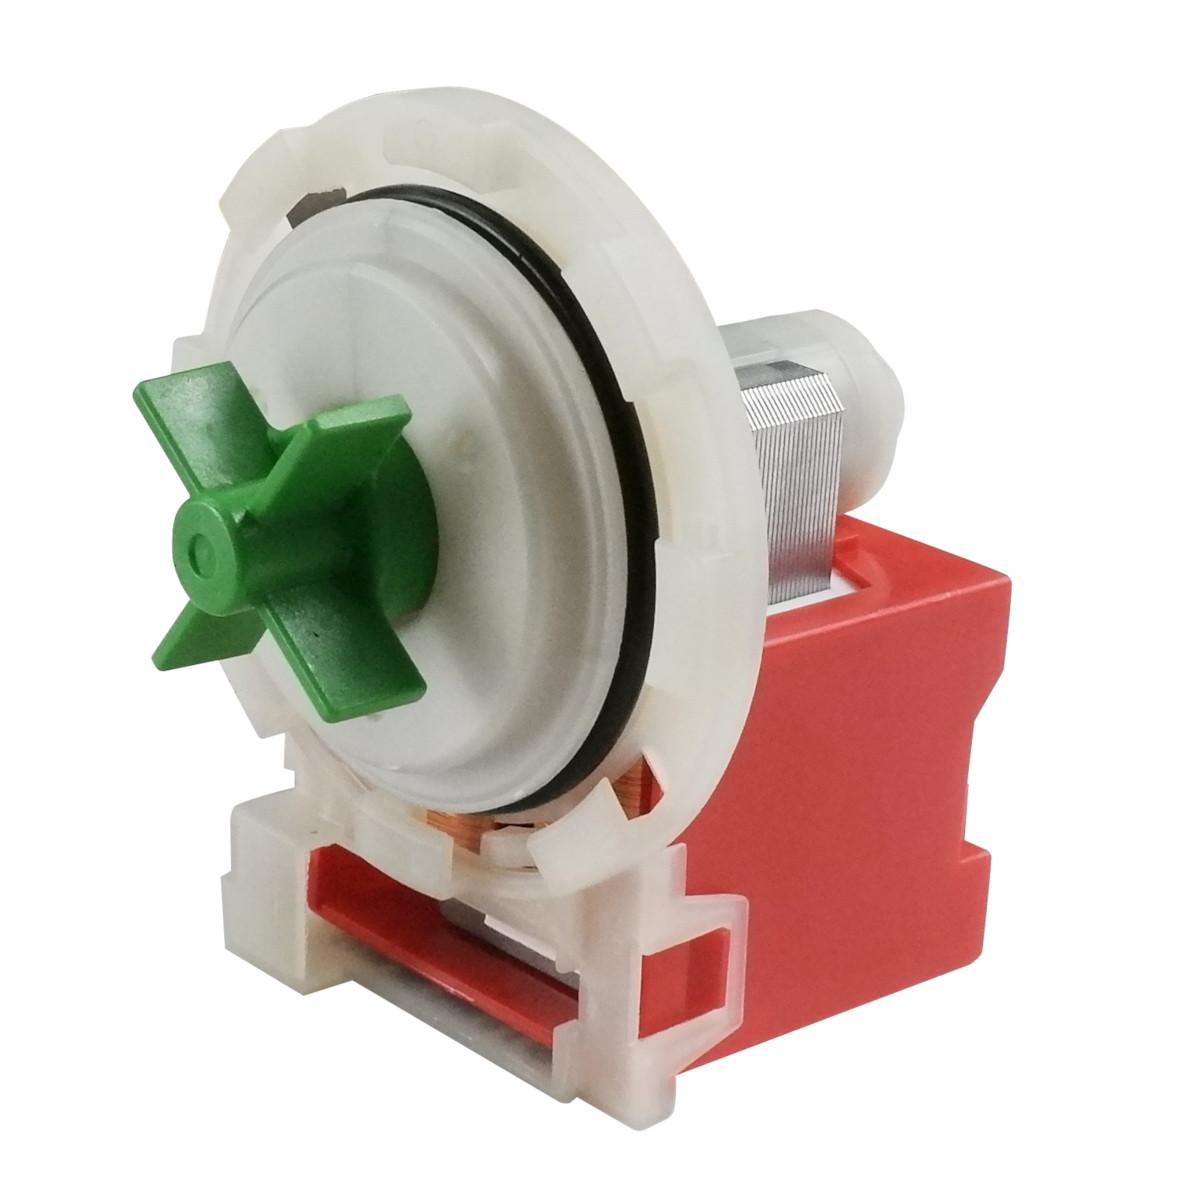 Насос сливной универсальный Copreci 30W 8-защелок для стиральной машины